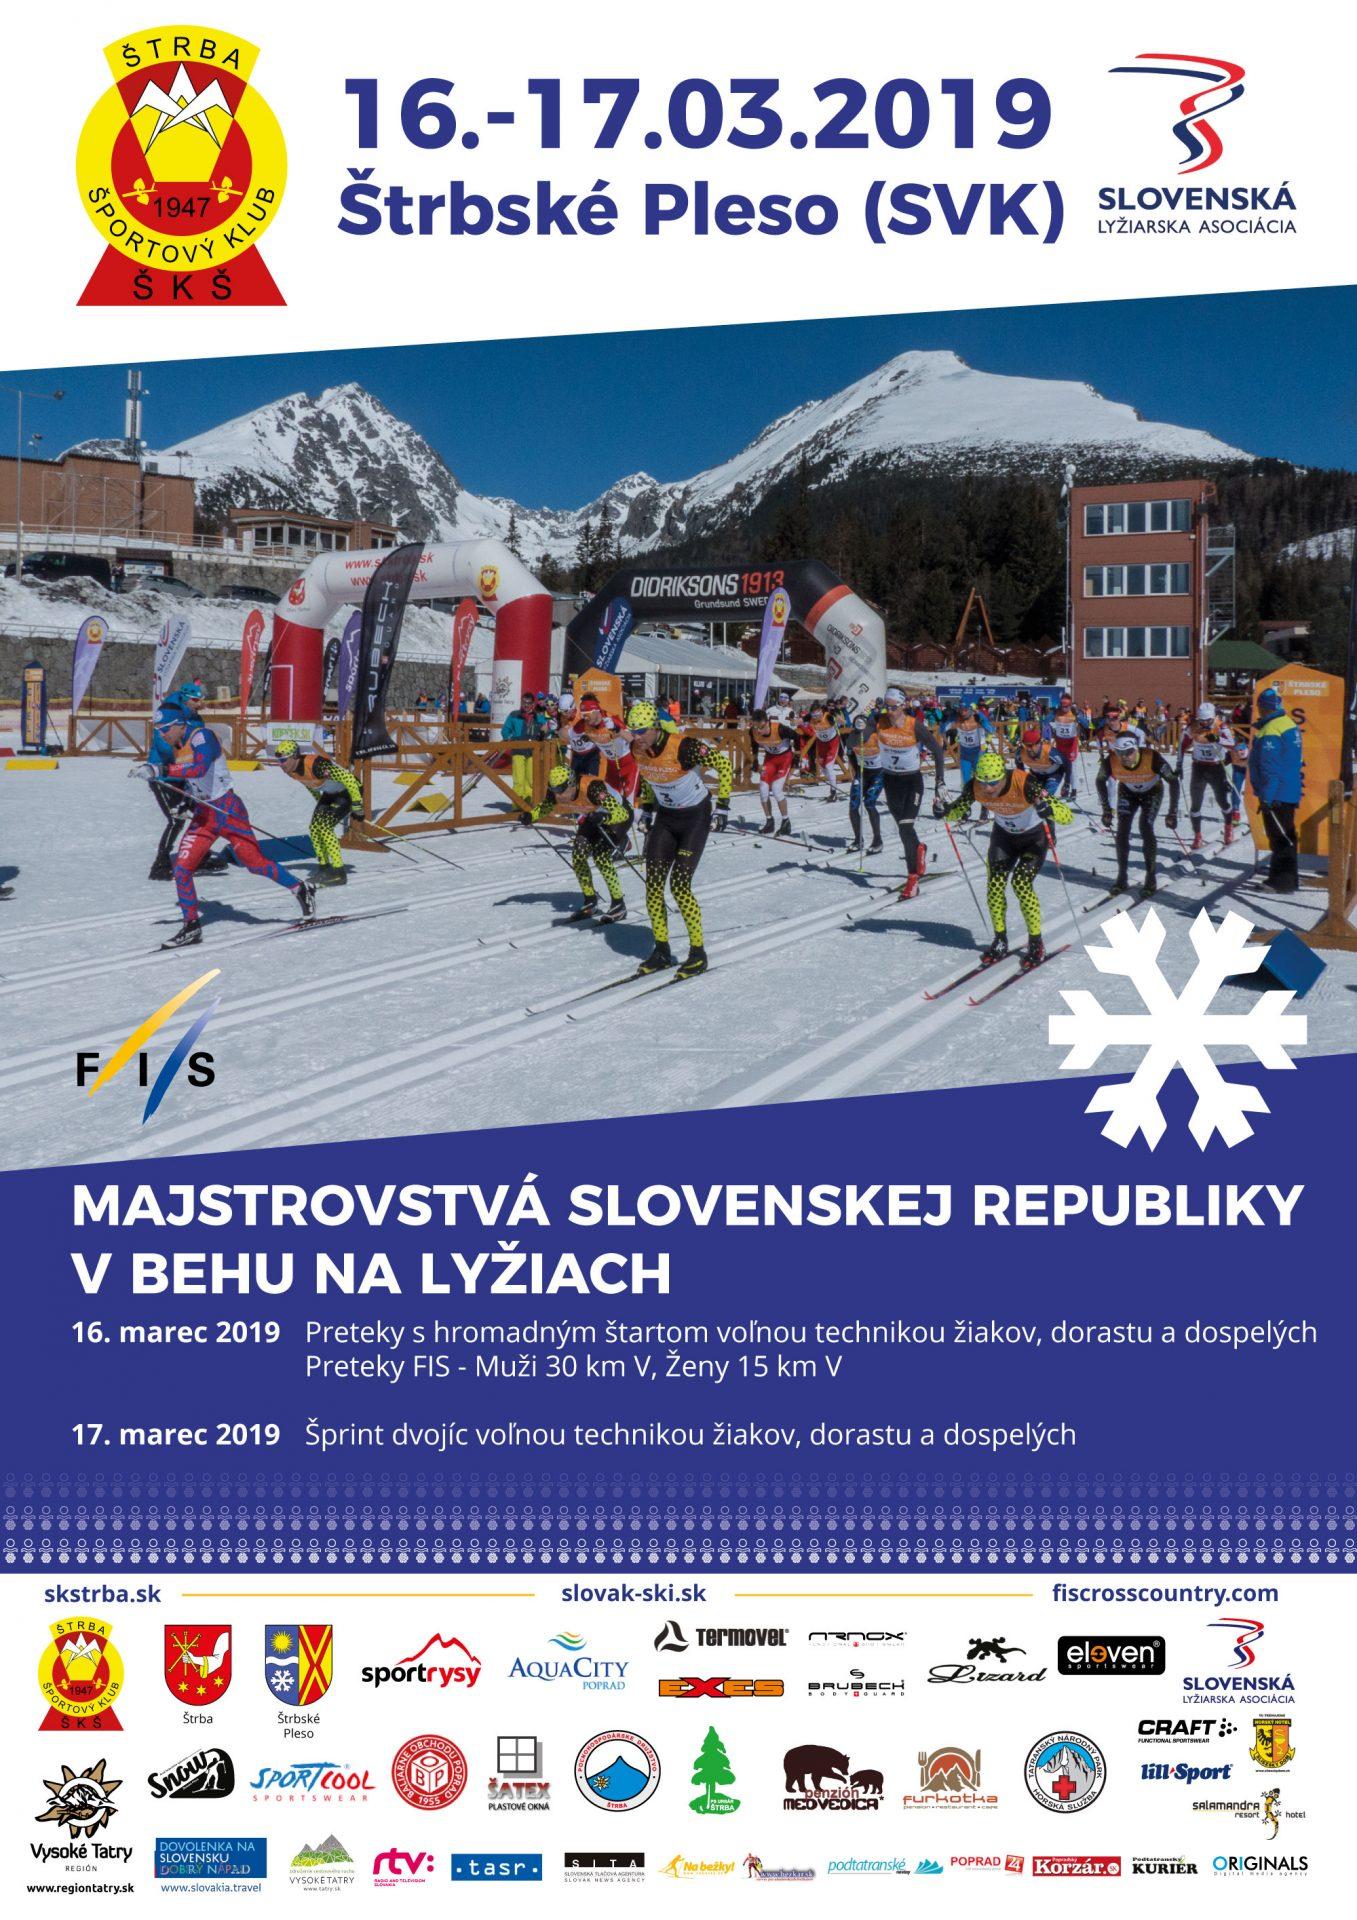 Majstrovstvá SR v behu na lyžiach